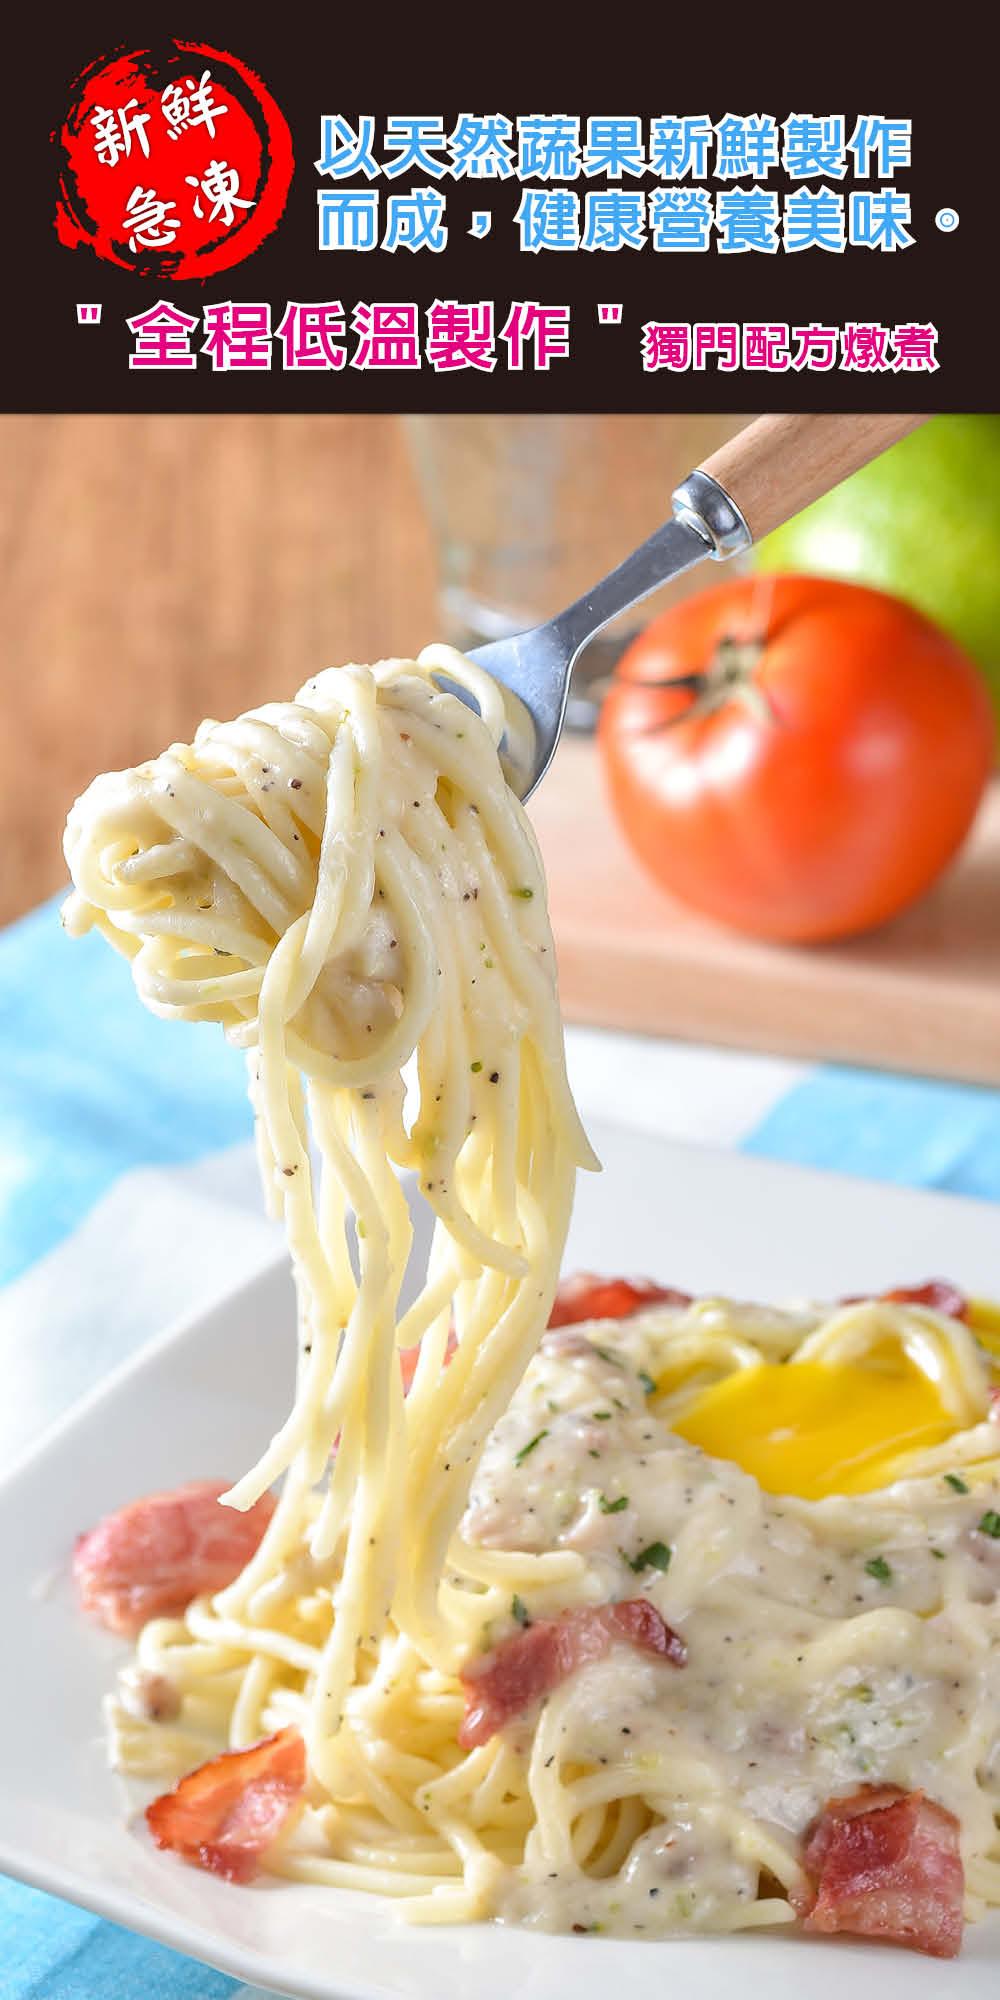 【蔥媽媽】 奶油培根義大利麵